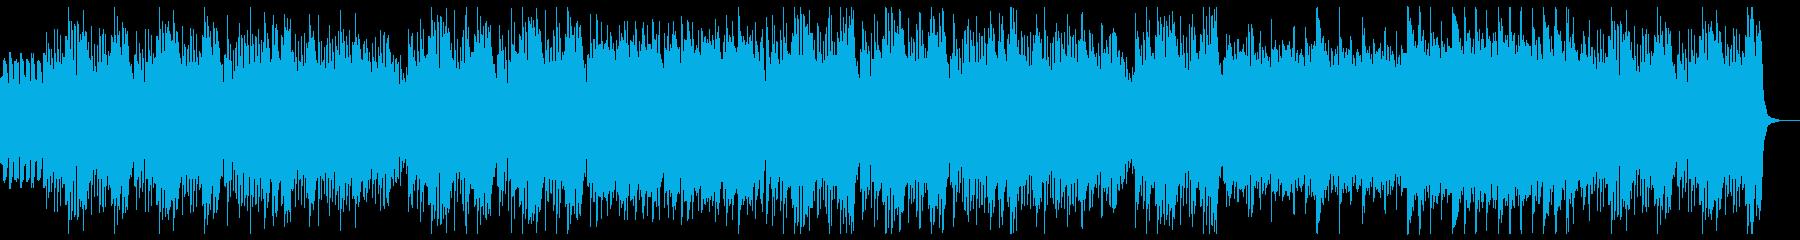 明るく楽しいキッズピアノの再生済みの波形